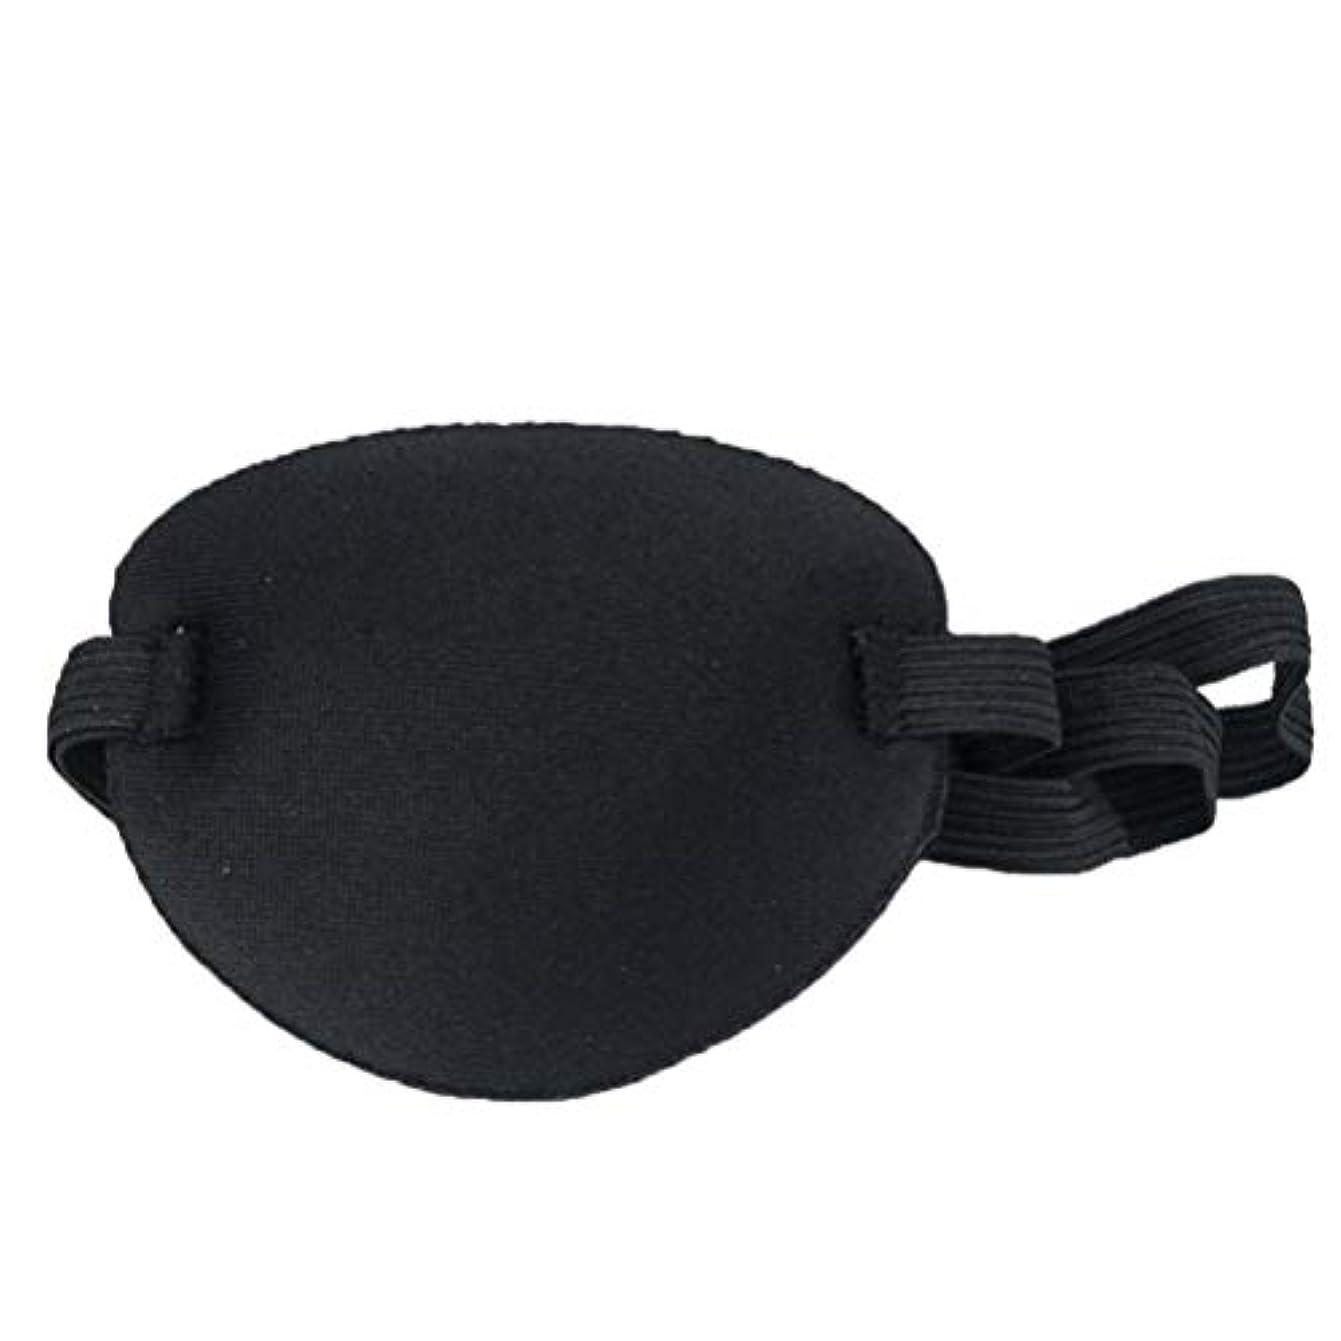 覆す素晴らしいですちっちゃいFrcolor 子供 弱視 斜視 視力矯 治療用怠惰な目 弱視ゴーグル